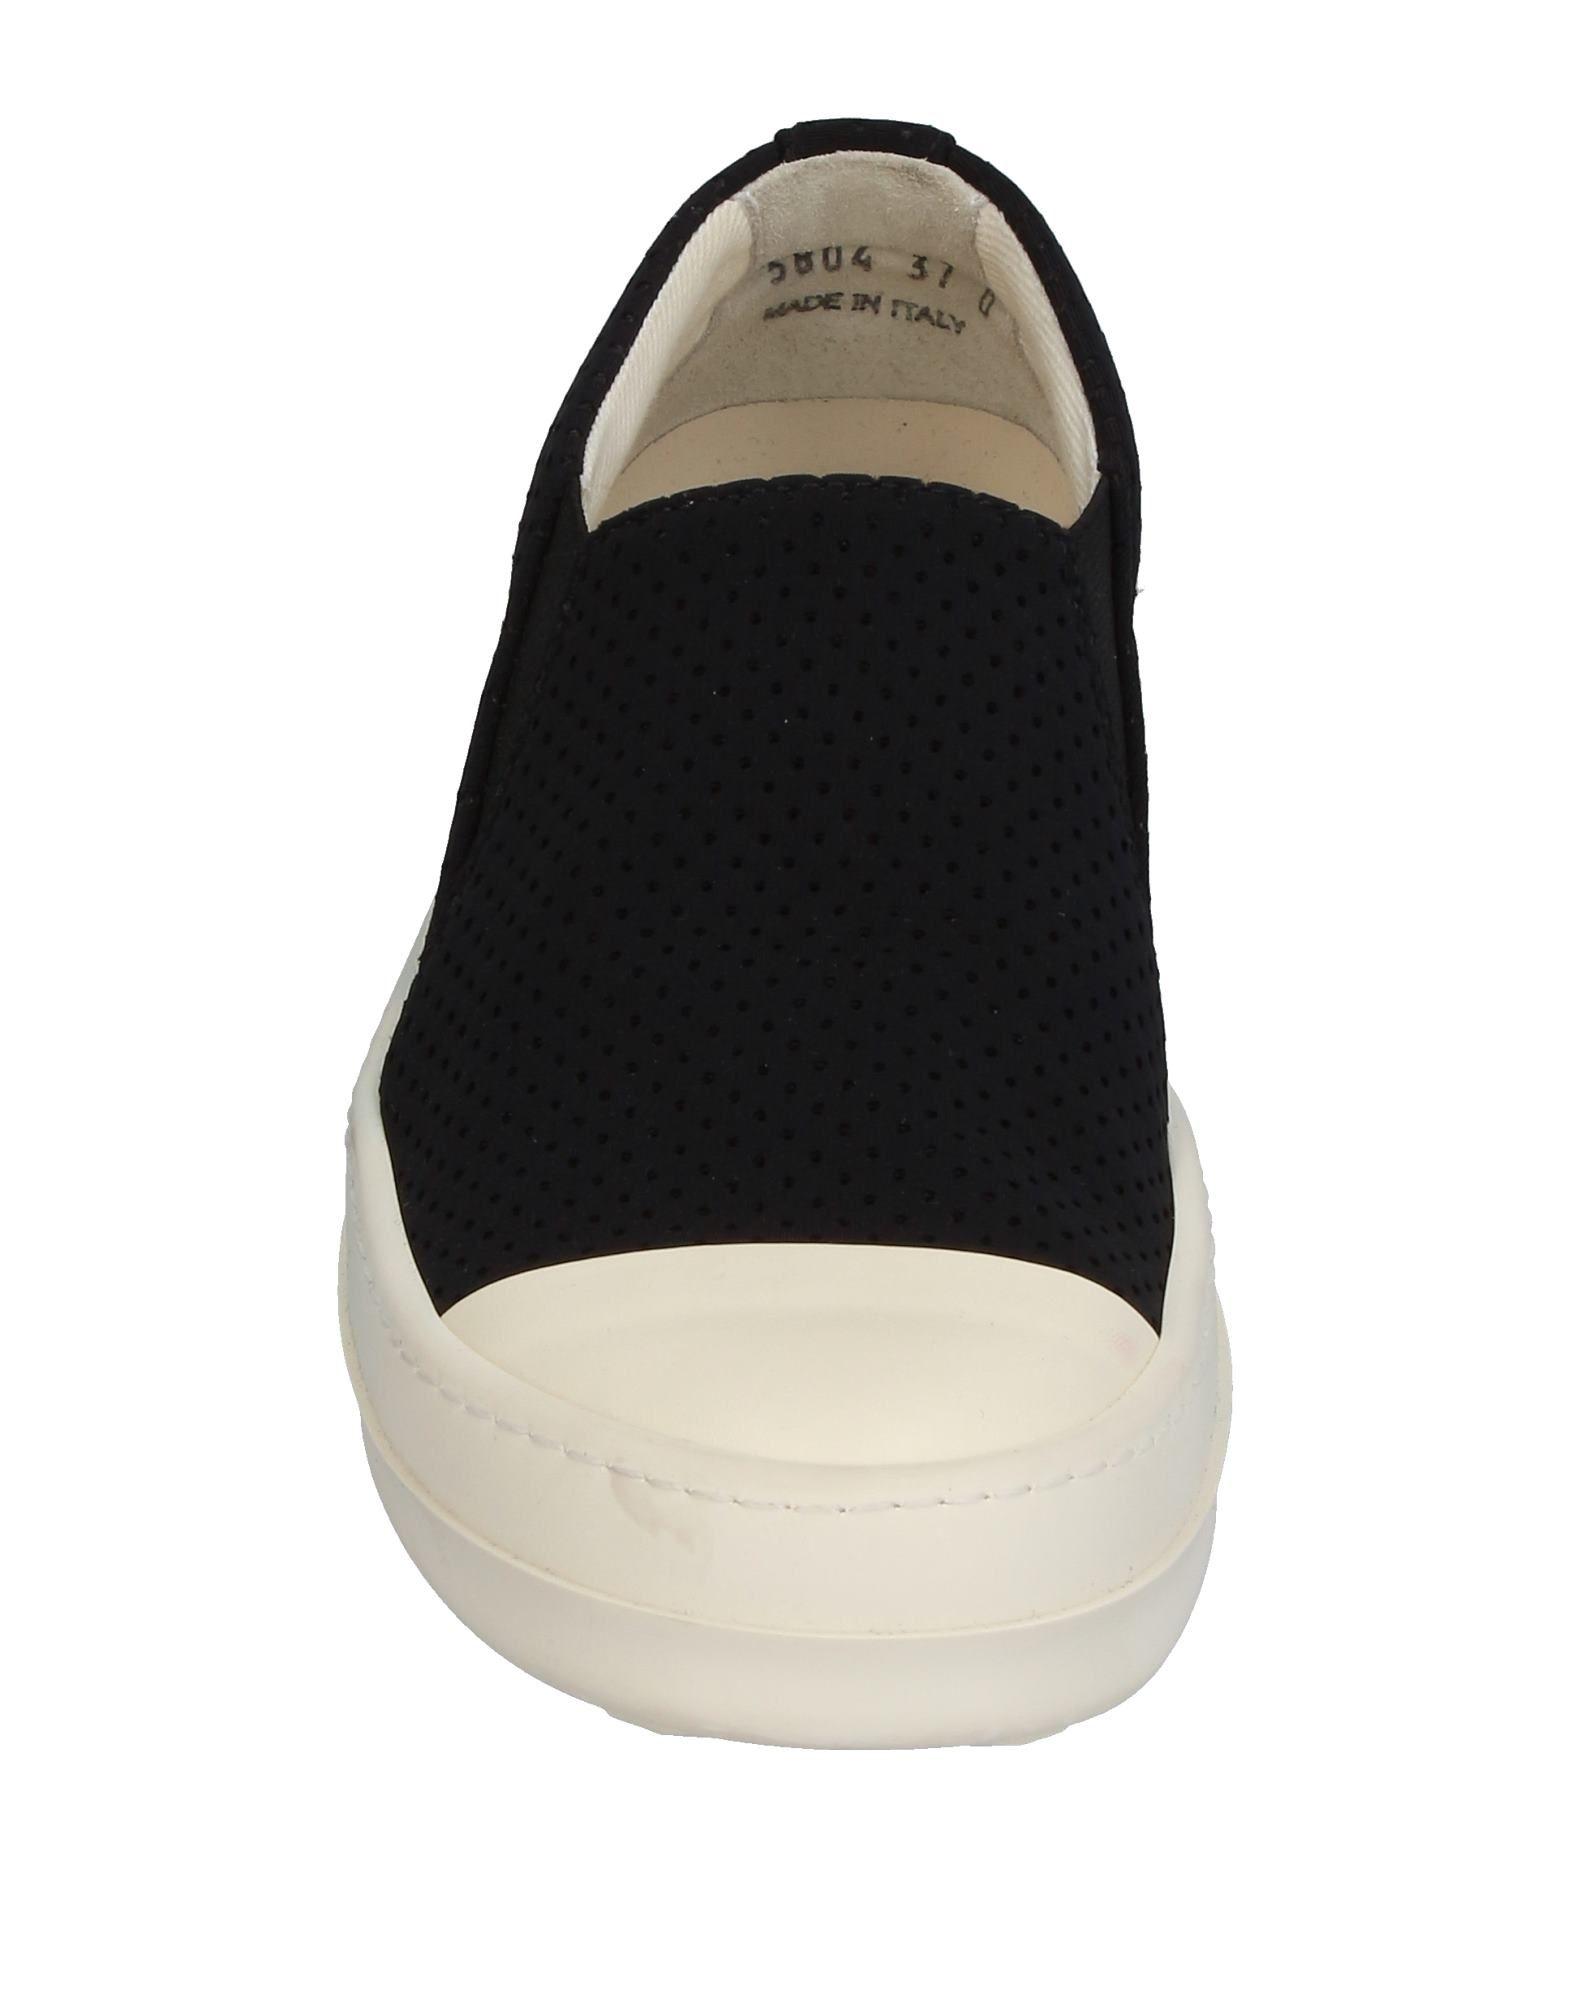 Sneakers Drkshdw By Rick Owens Femme - Sneakers Drkshdw By Rick Owens sur